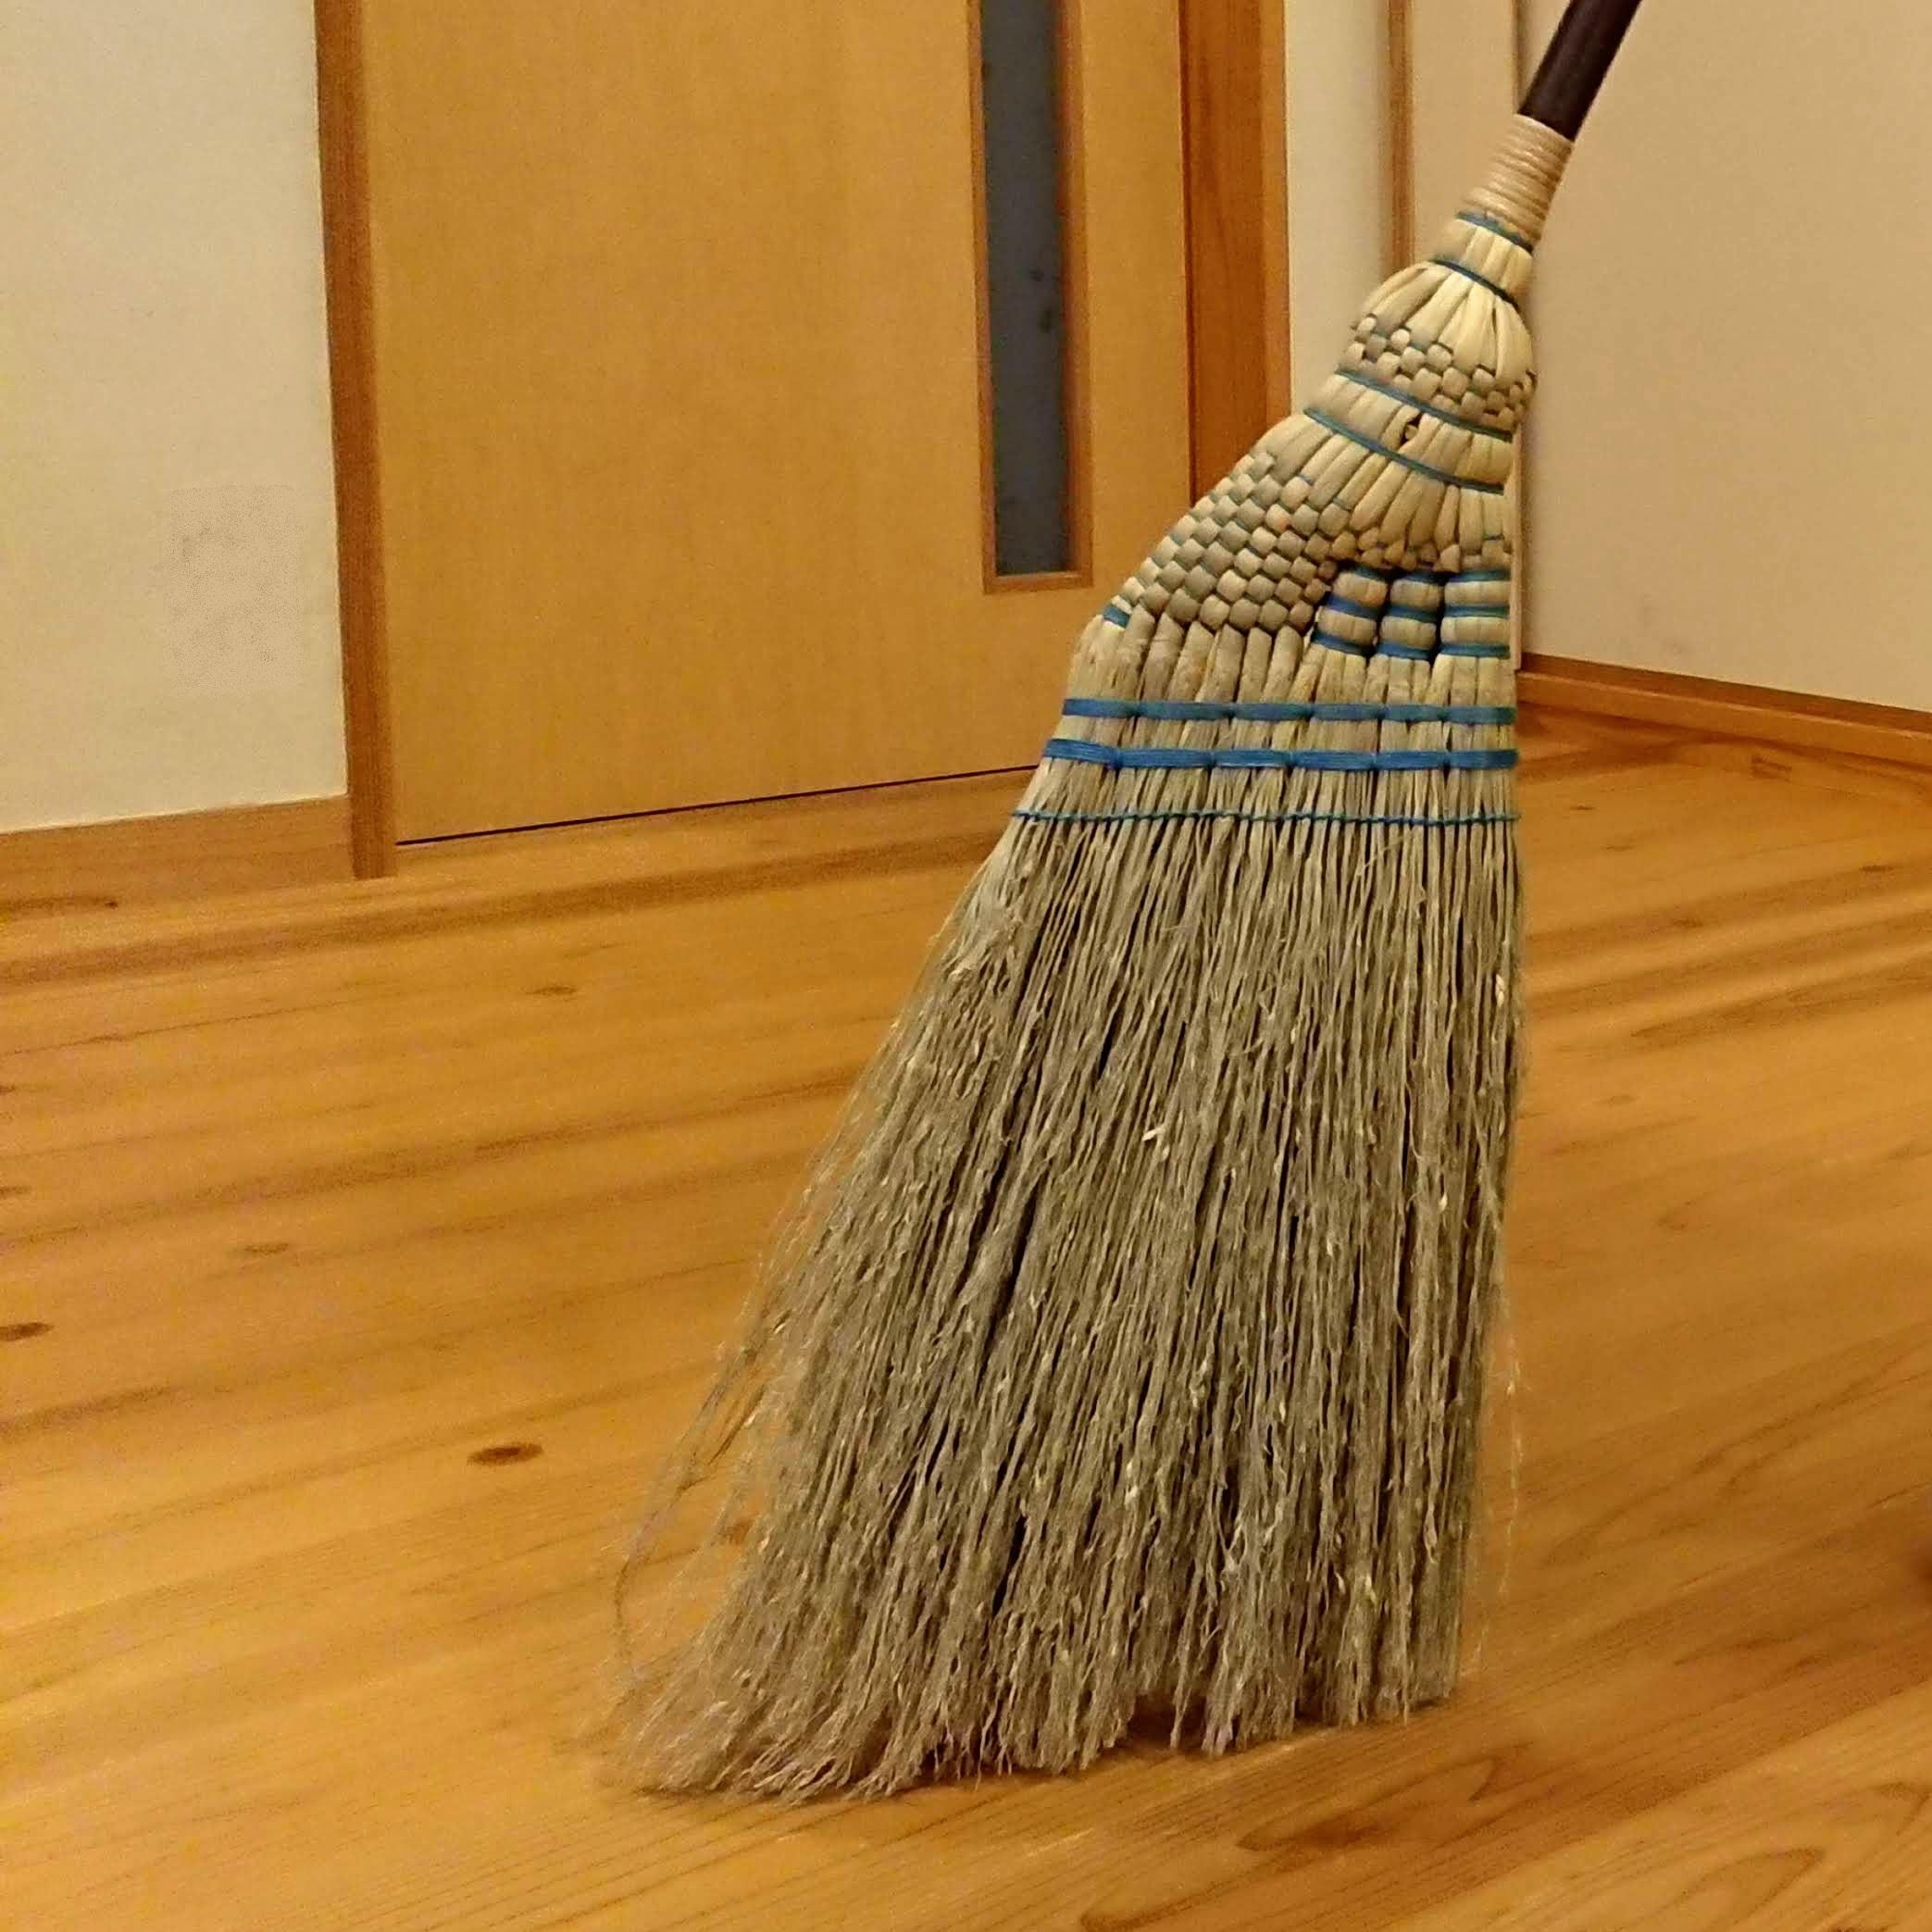 【年末の大掃除を締めるにふさわしい、あなたと職人のコラボで作る手箒】